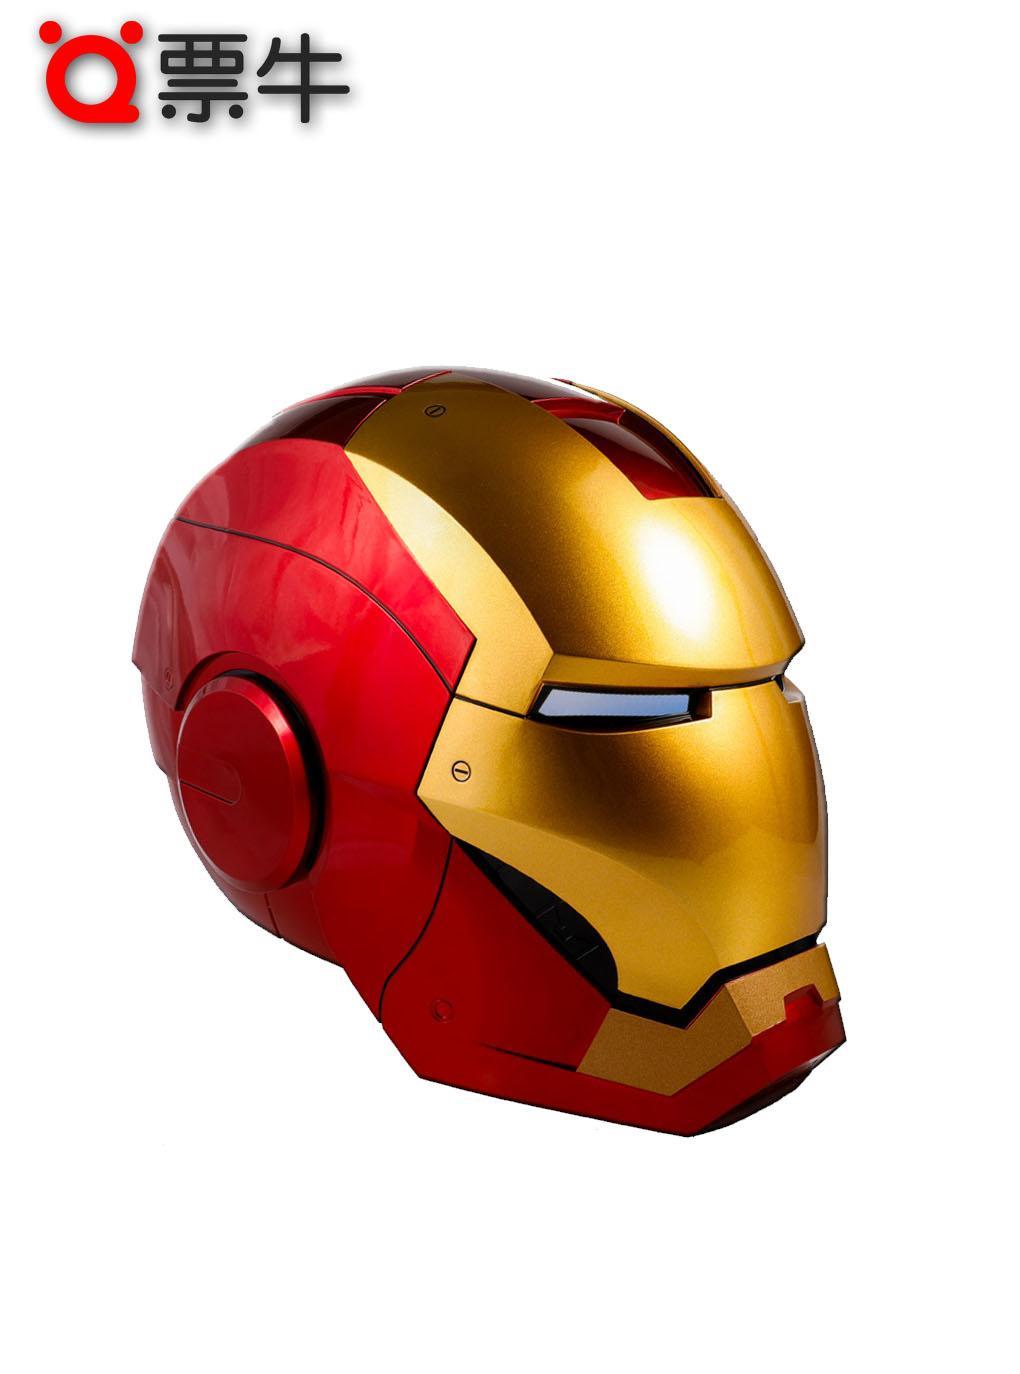 MK7|5 1:1钢铁侠头盔